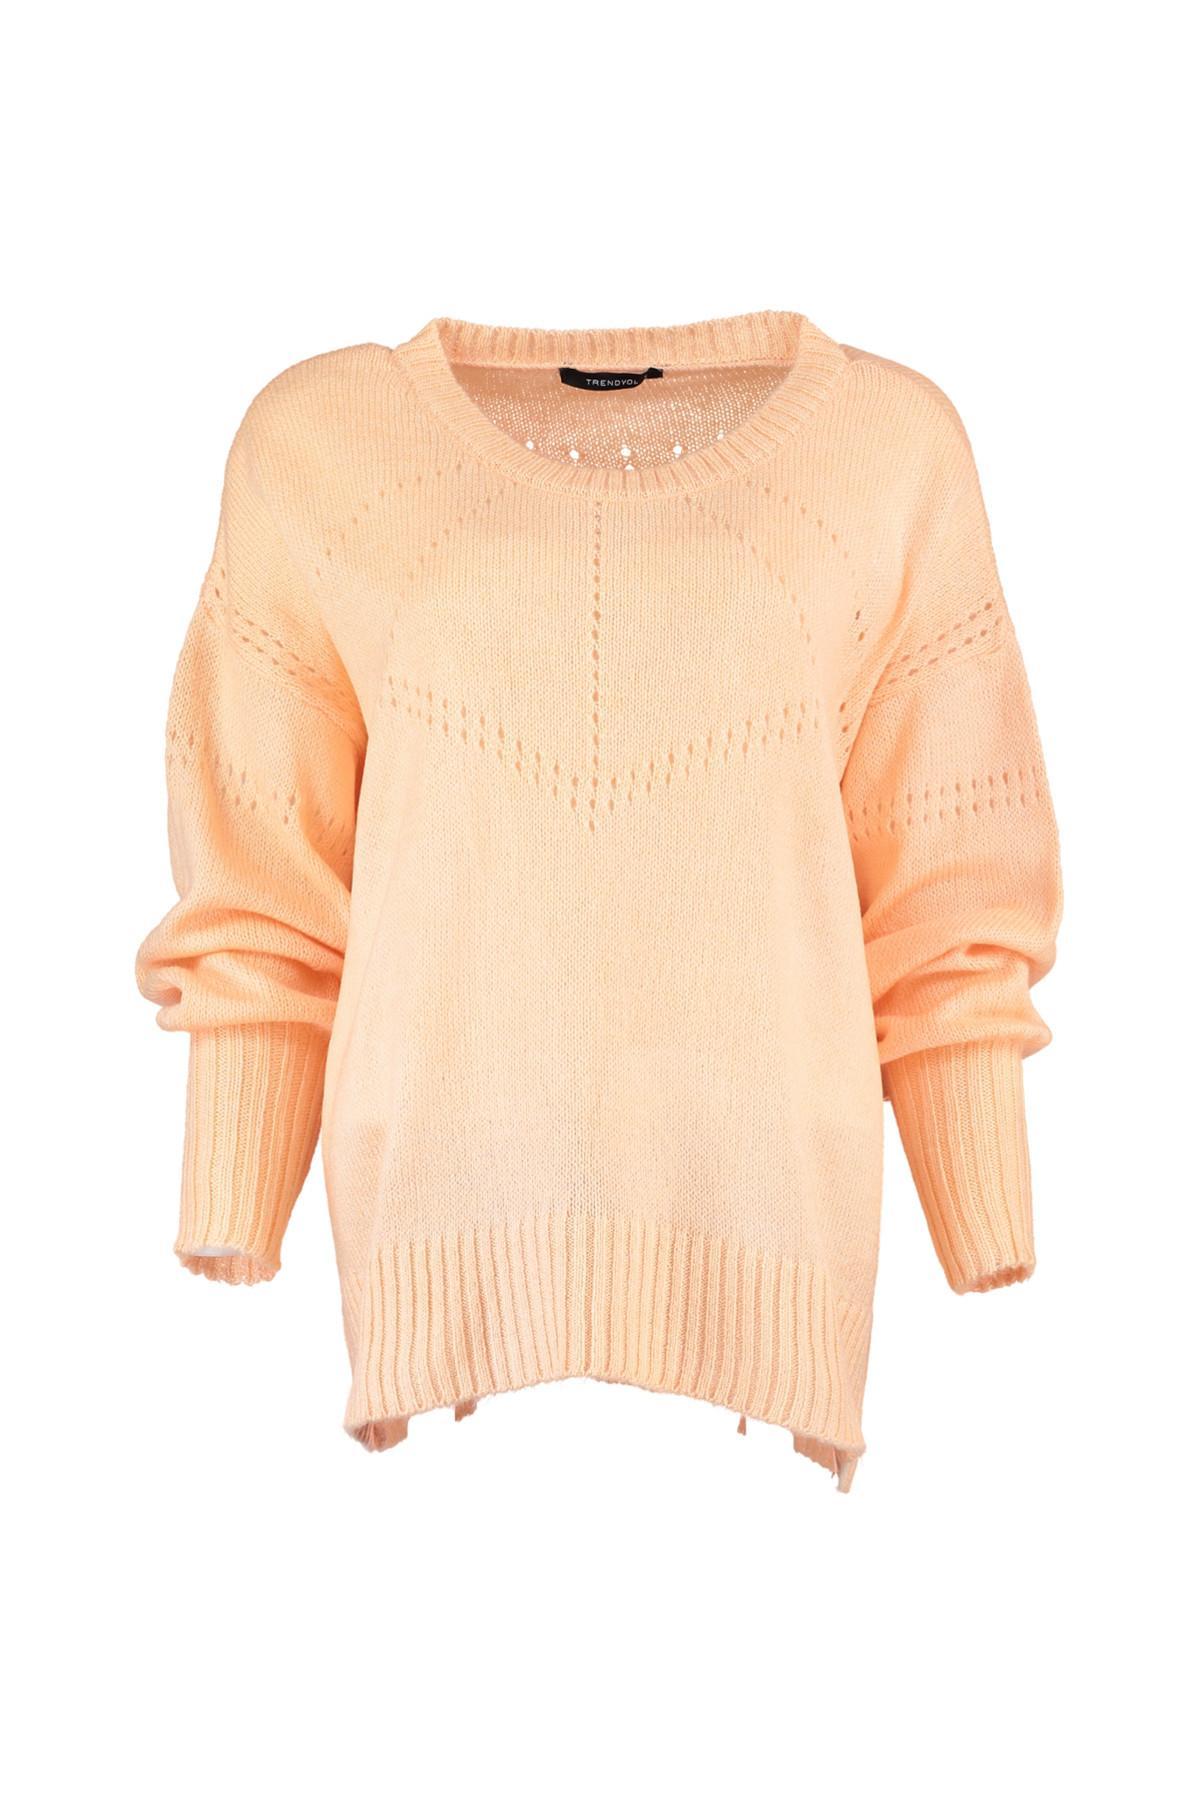 Trendyol WOMEN-Powder Mesh Detayl? Knitwear Sweater TWOAW20ZA0006